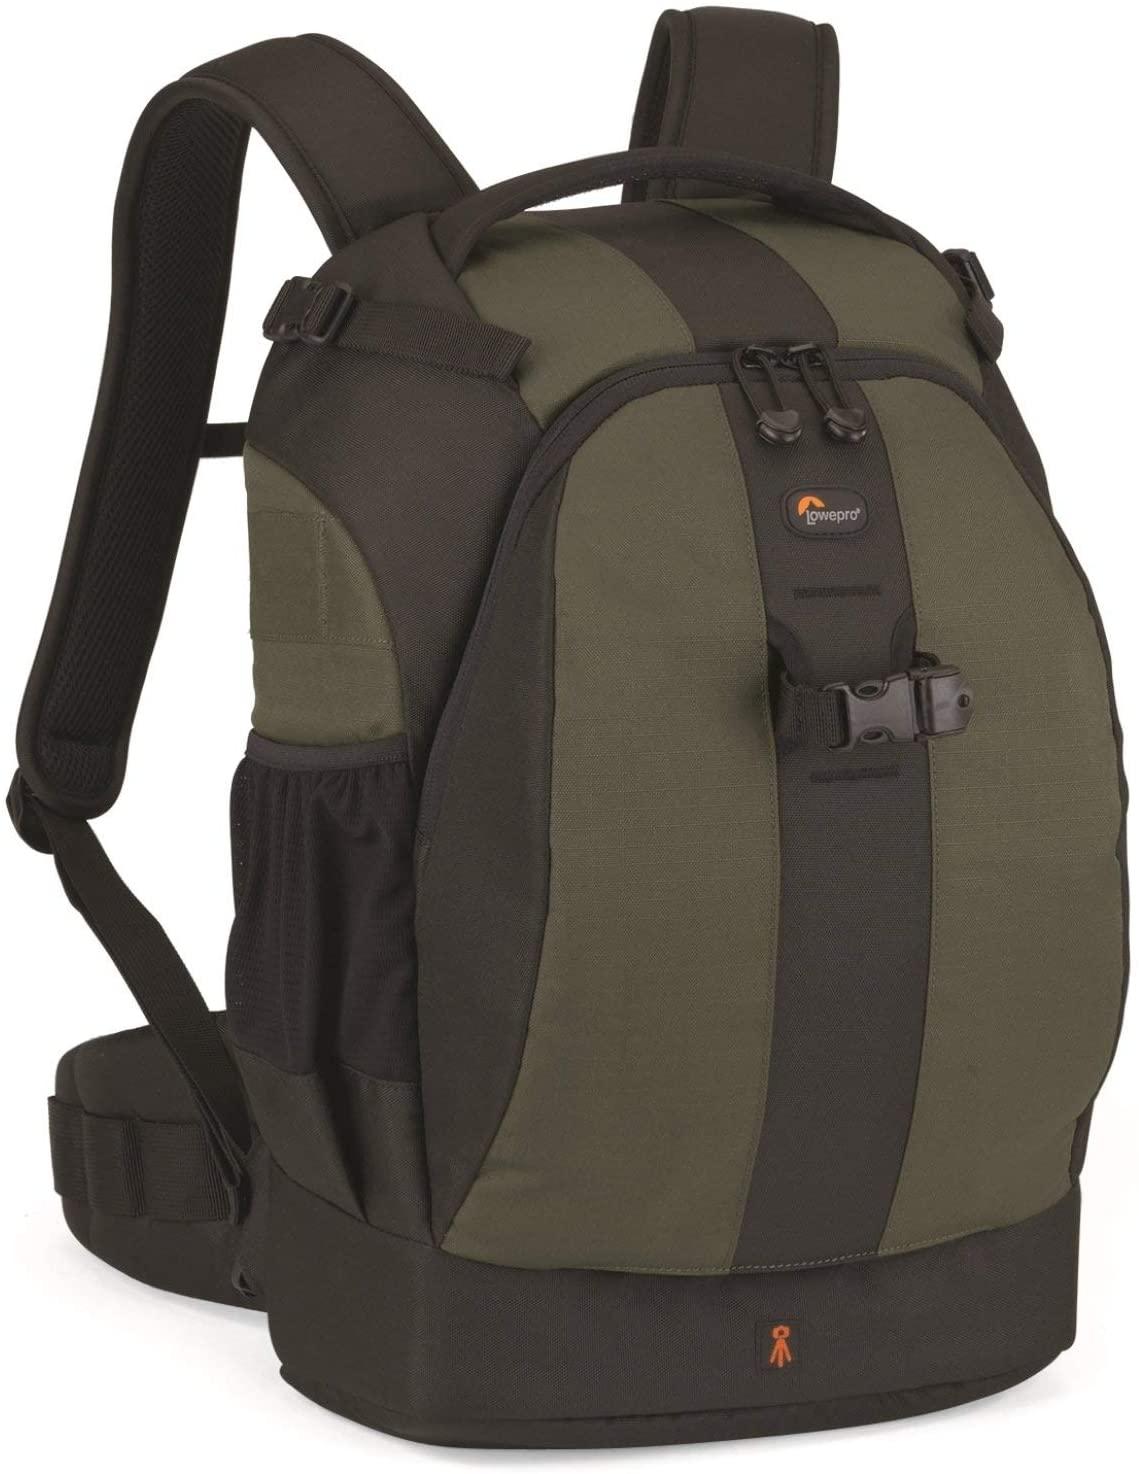 Nikon D5600 Camera & Accessories Bag